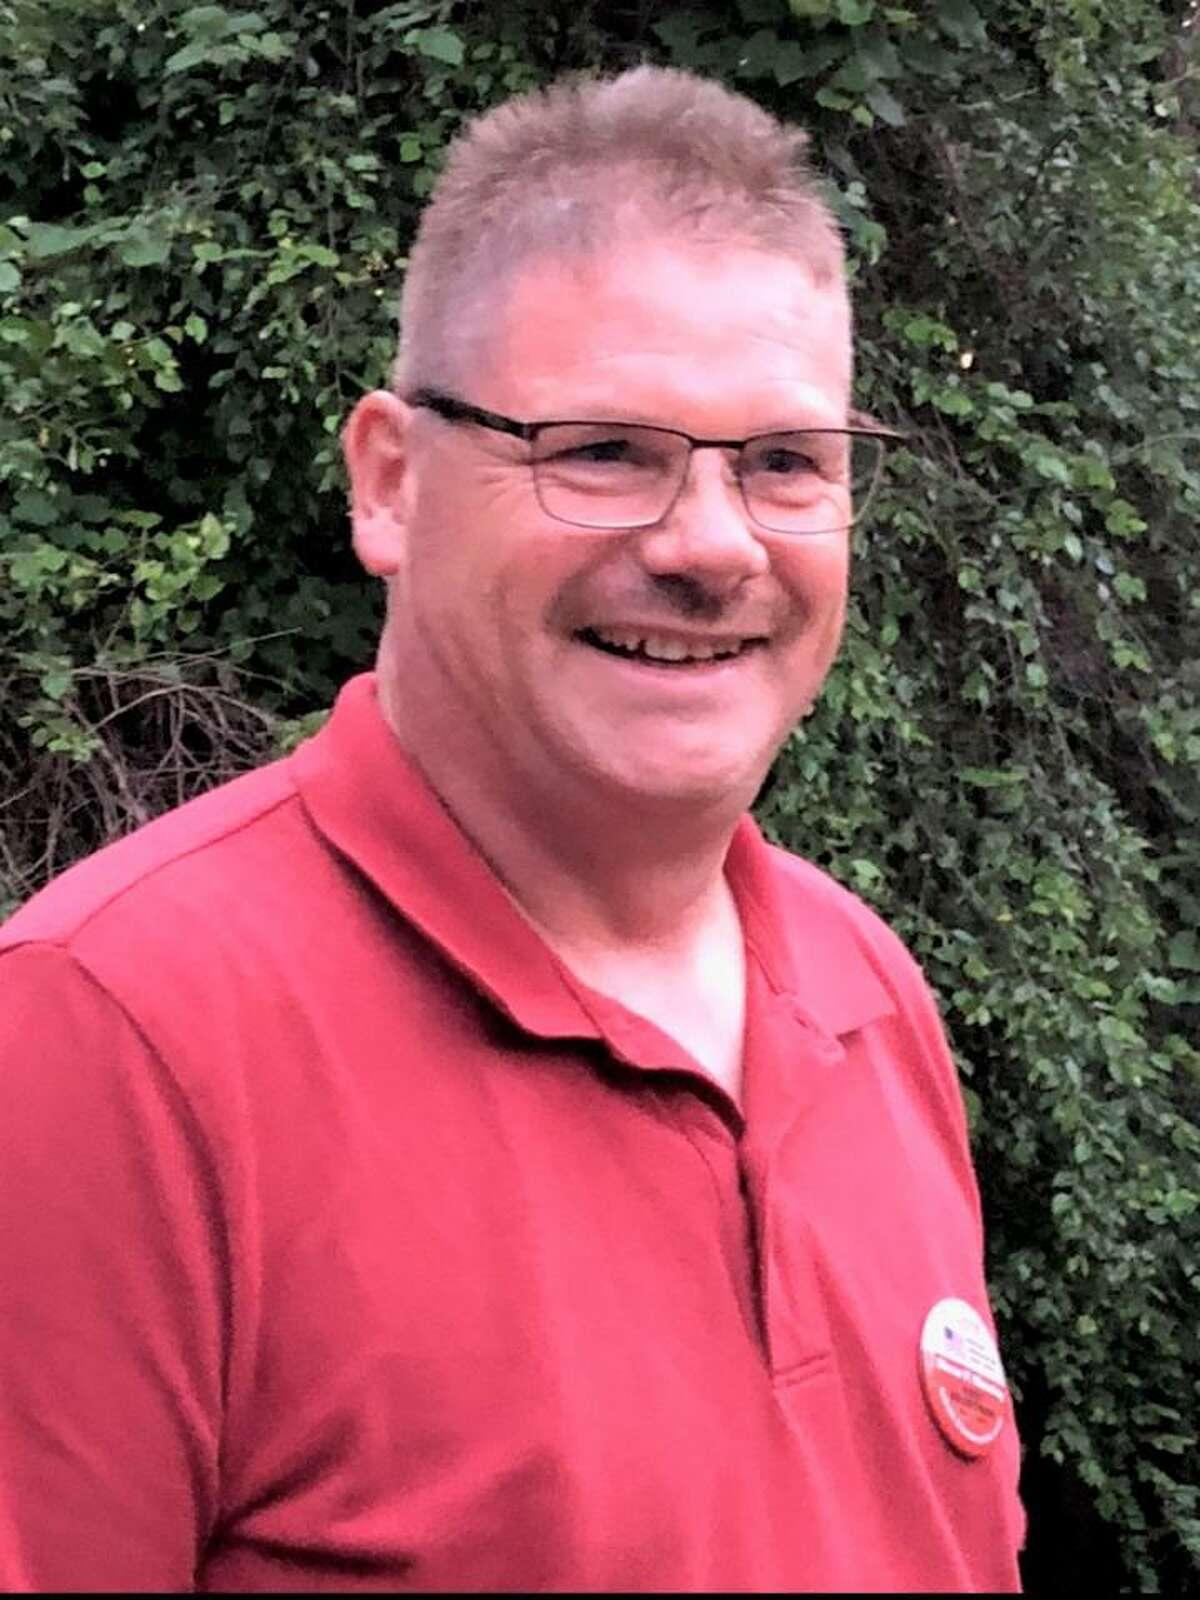 Shaun P. Manning